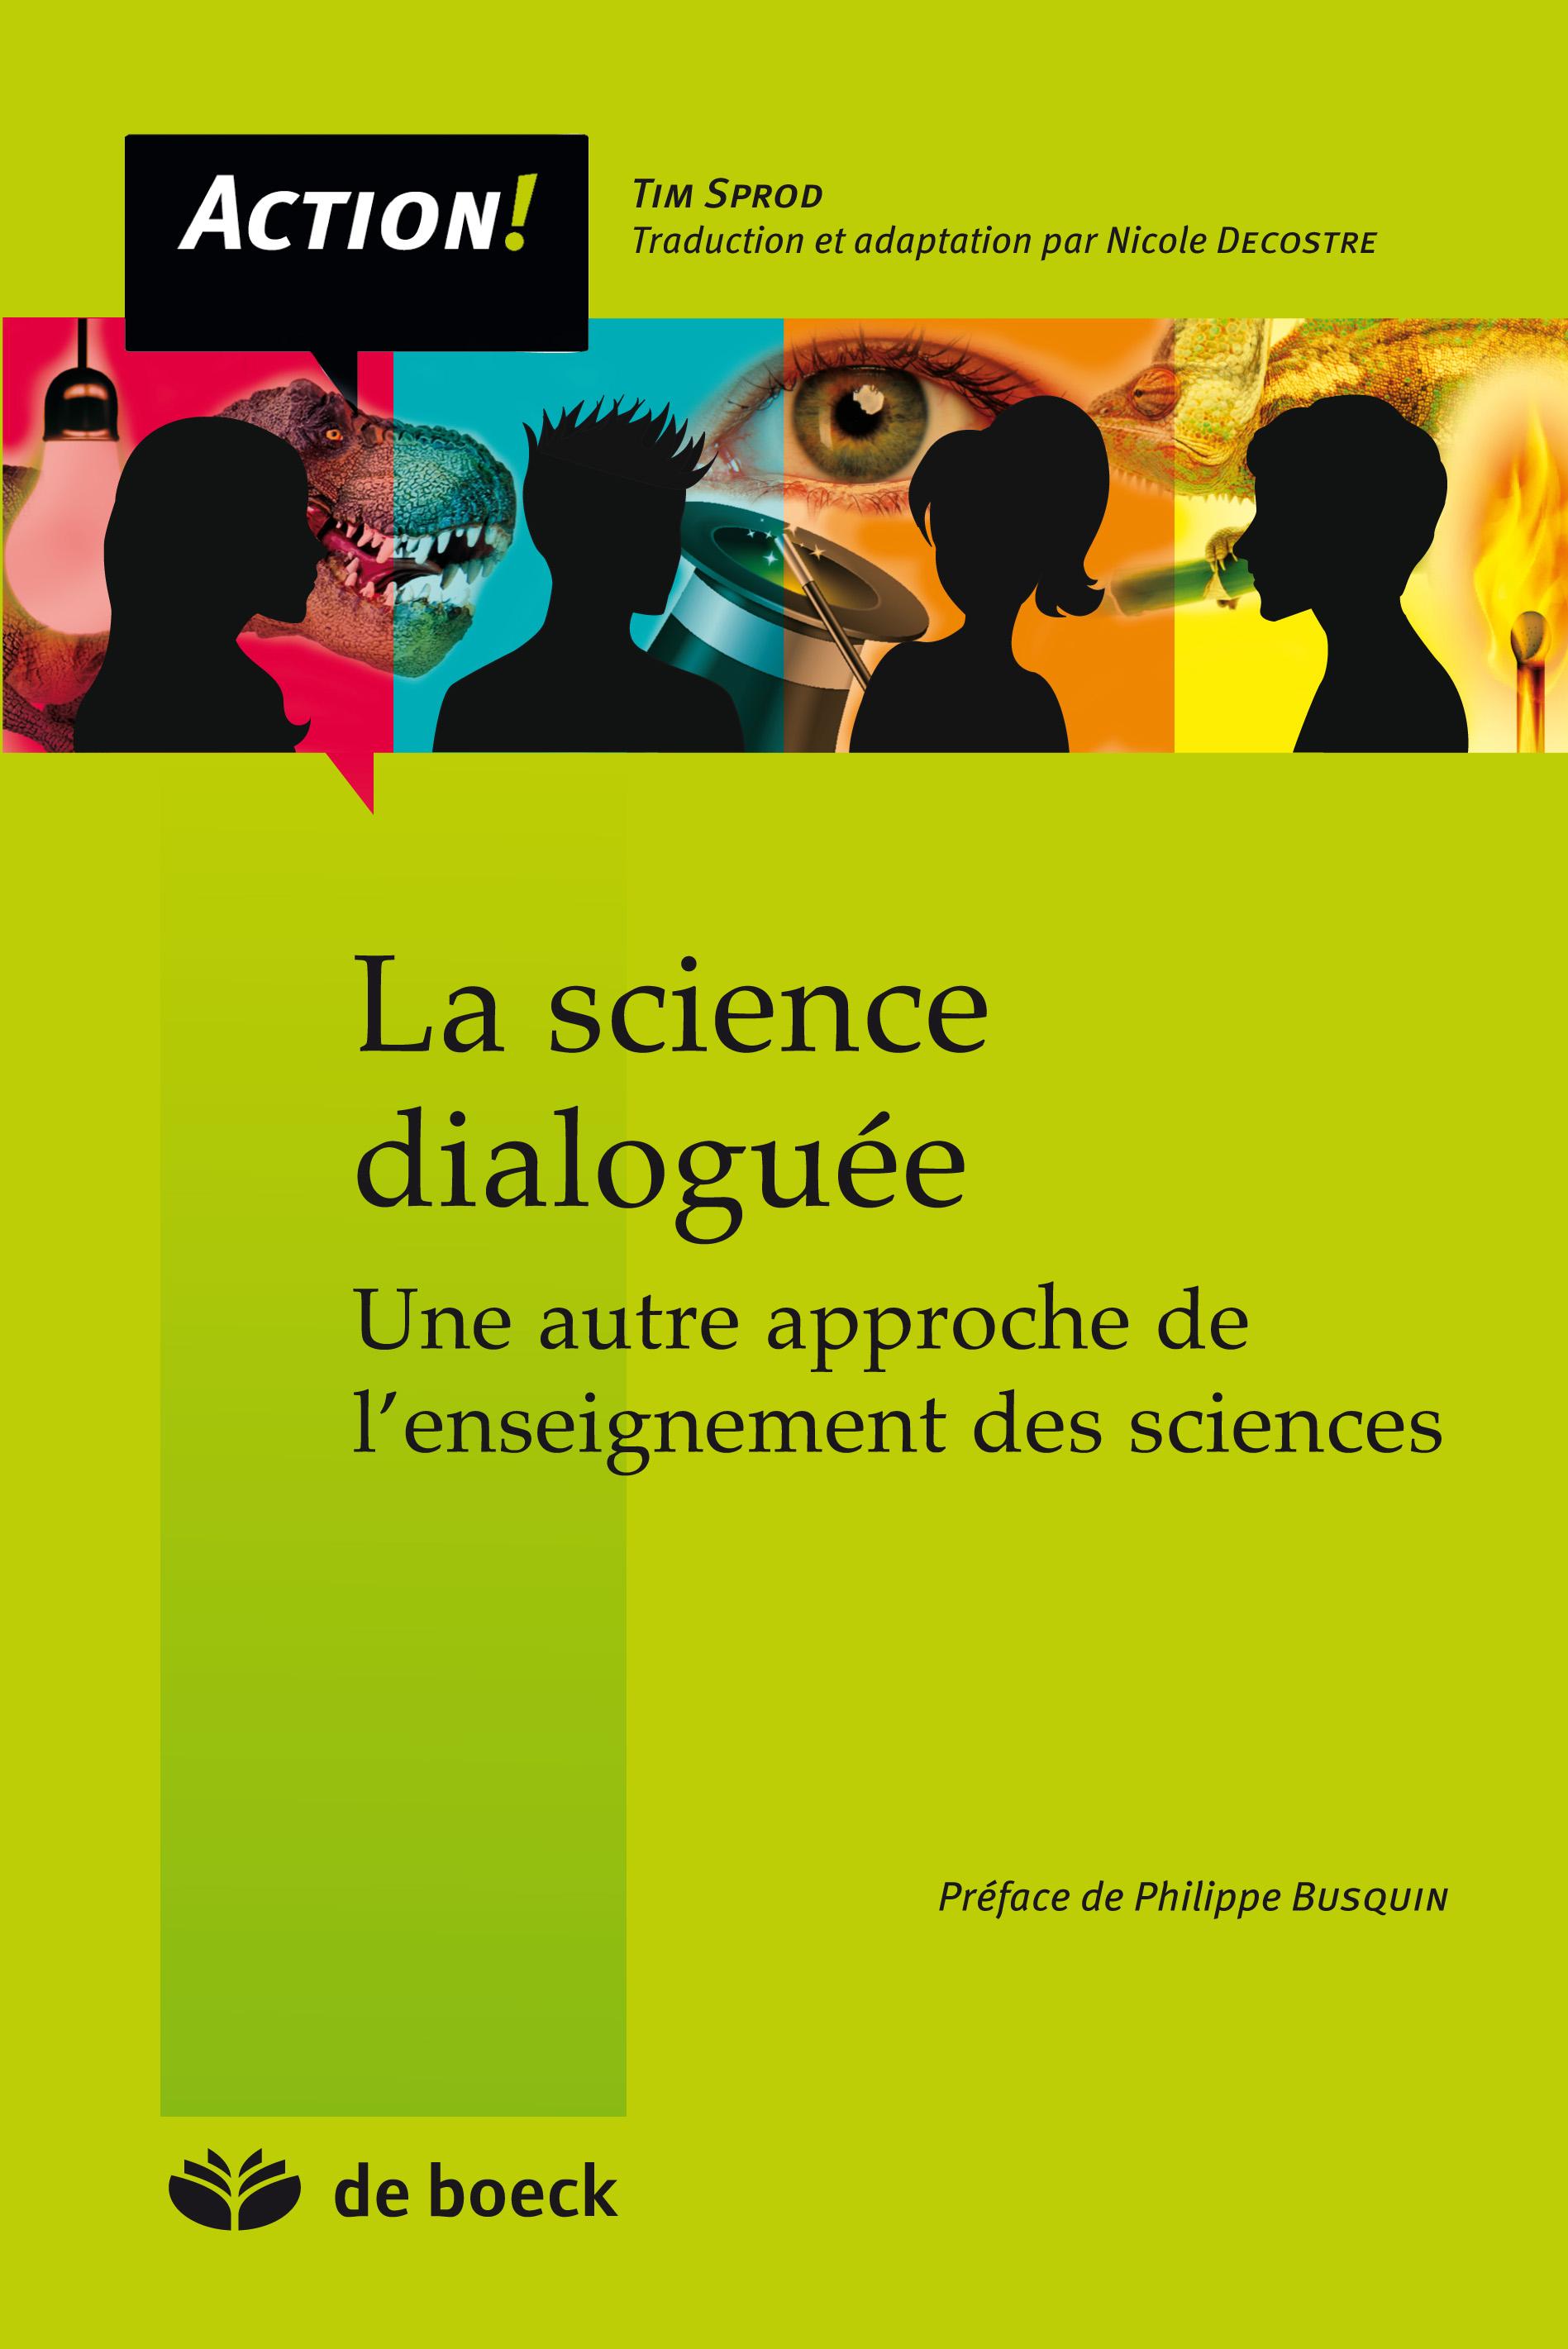 La science dialoguée